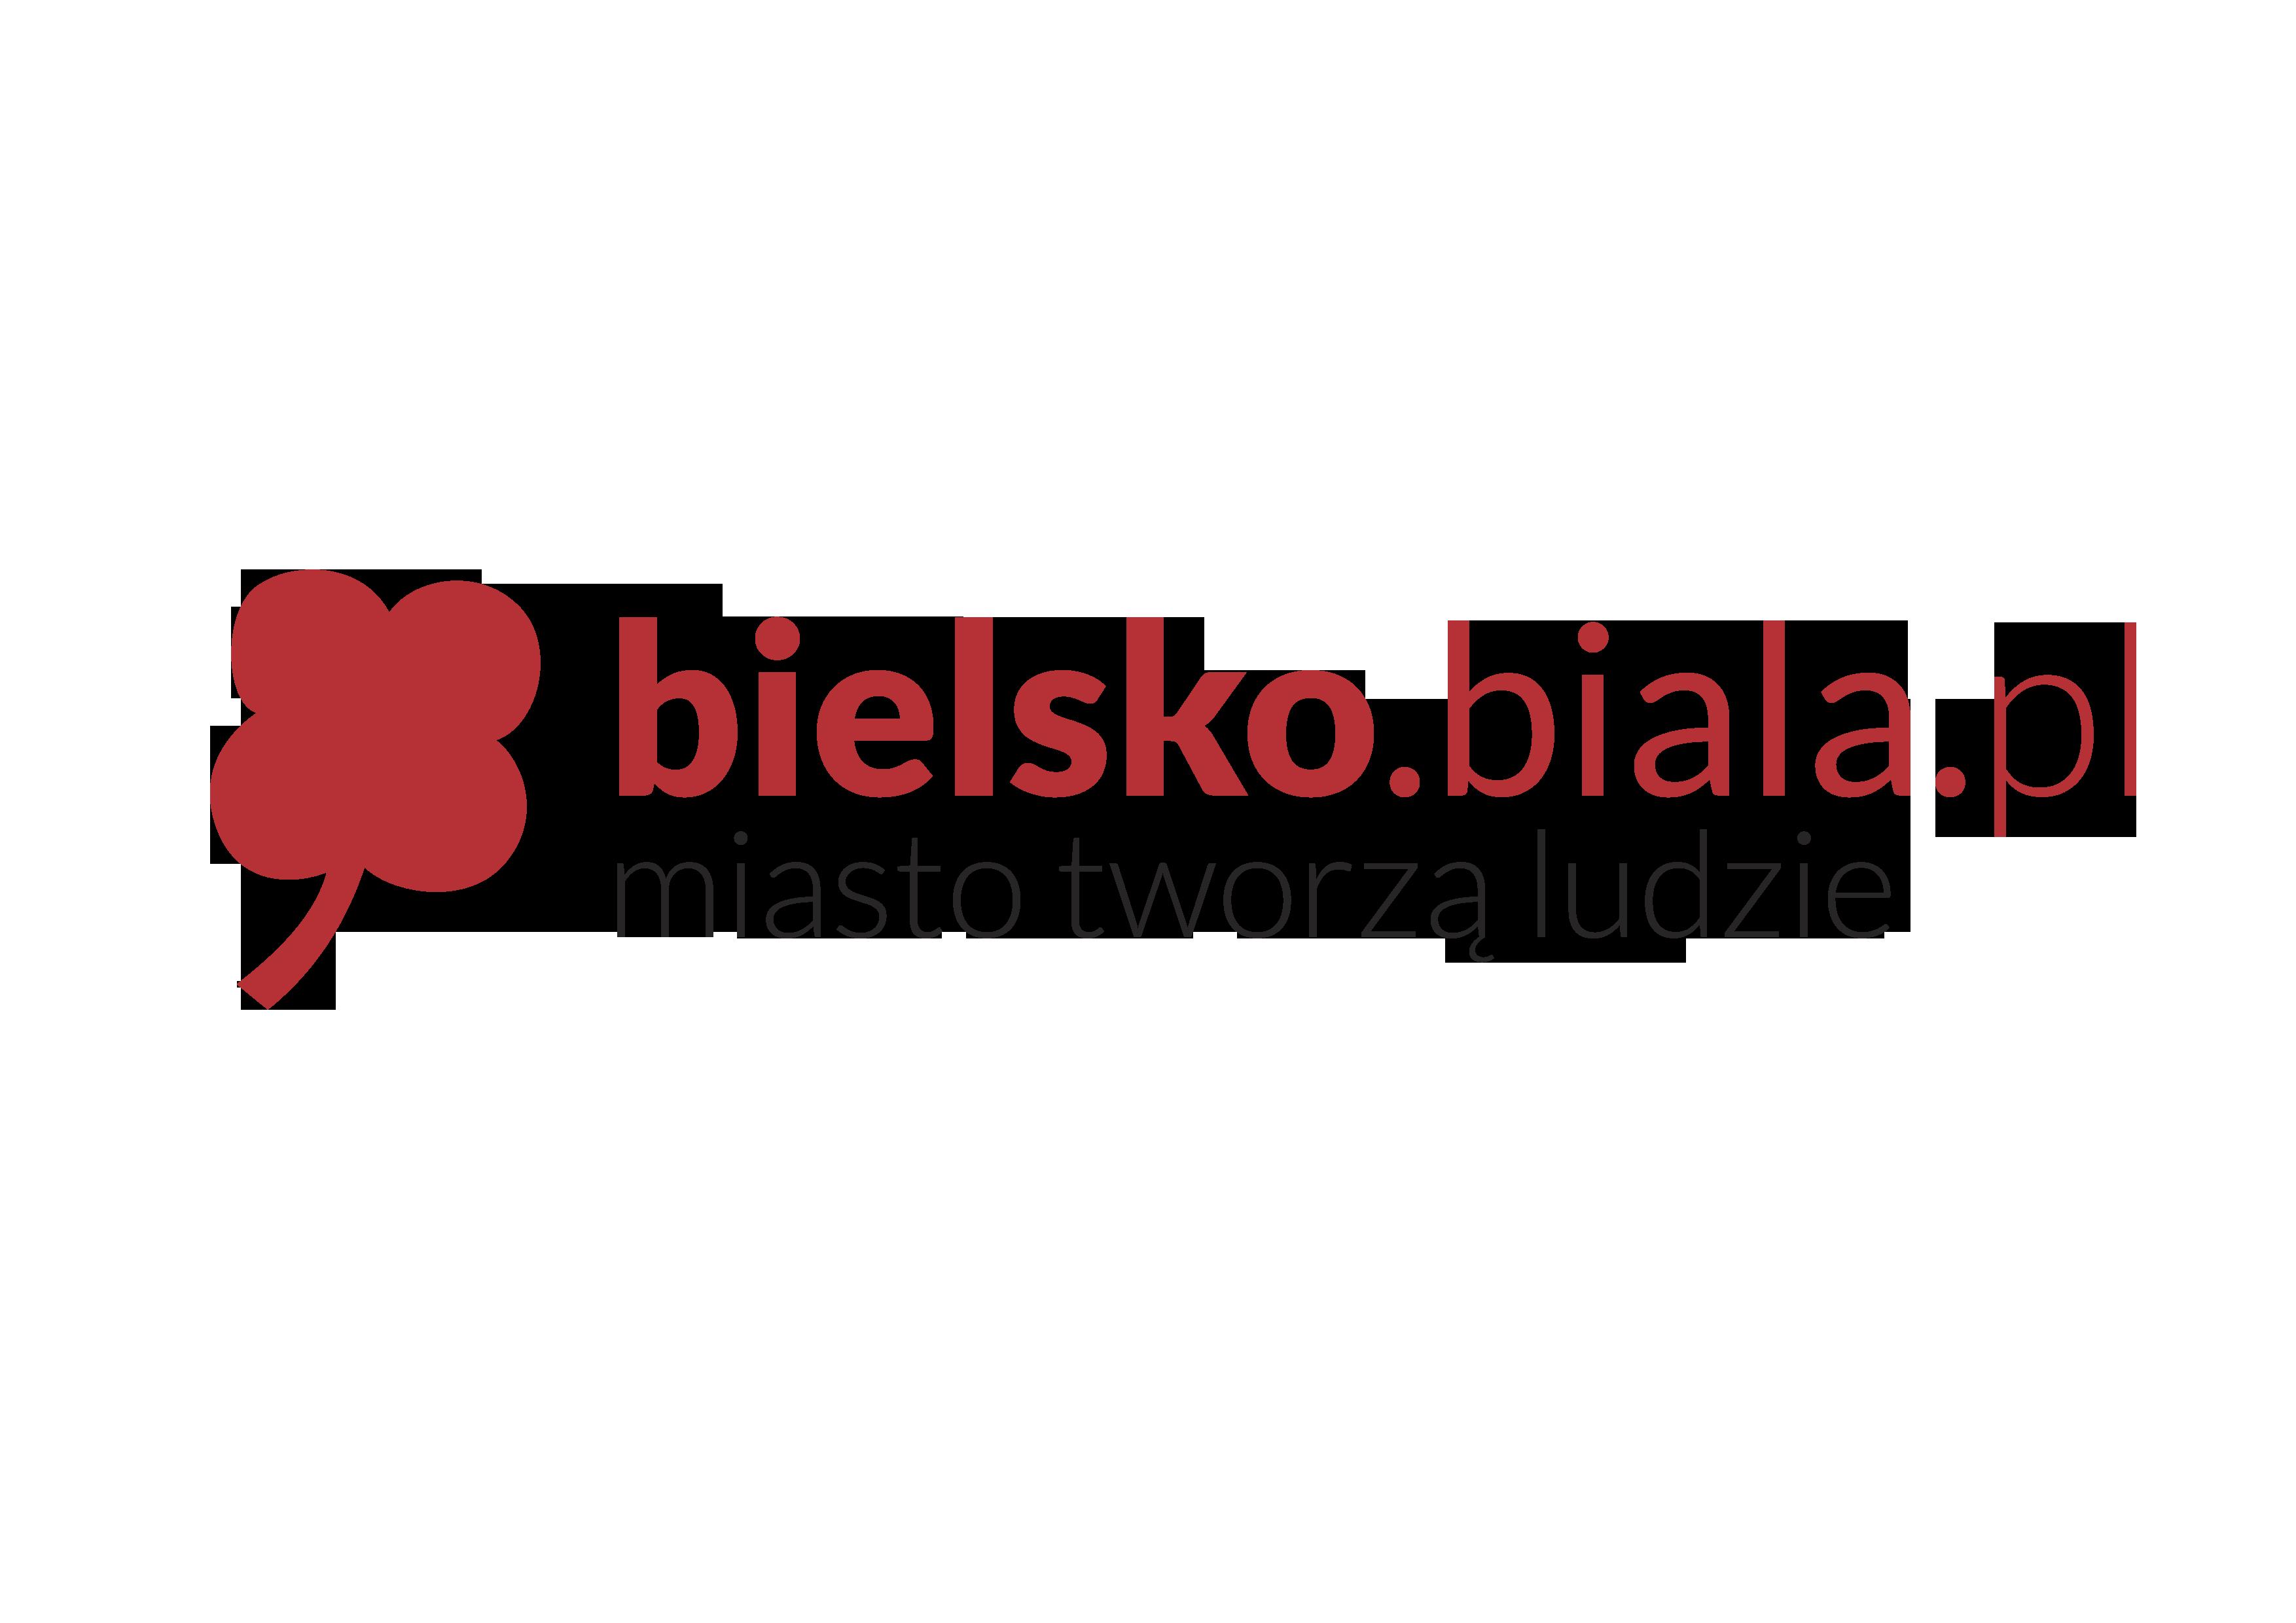 logo_bielsko_biala_pl